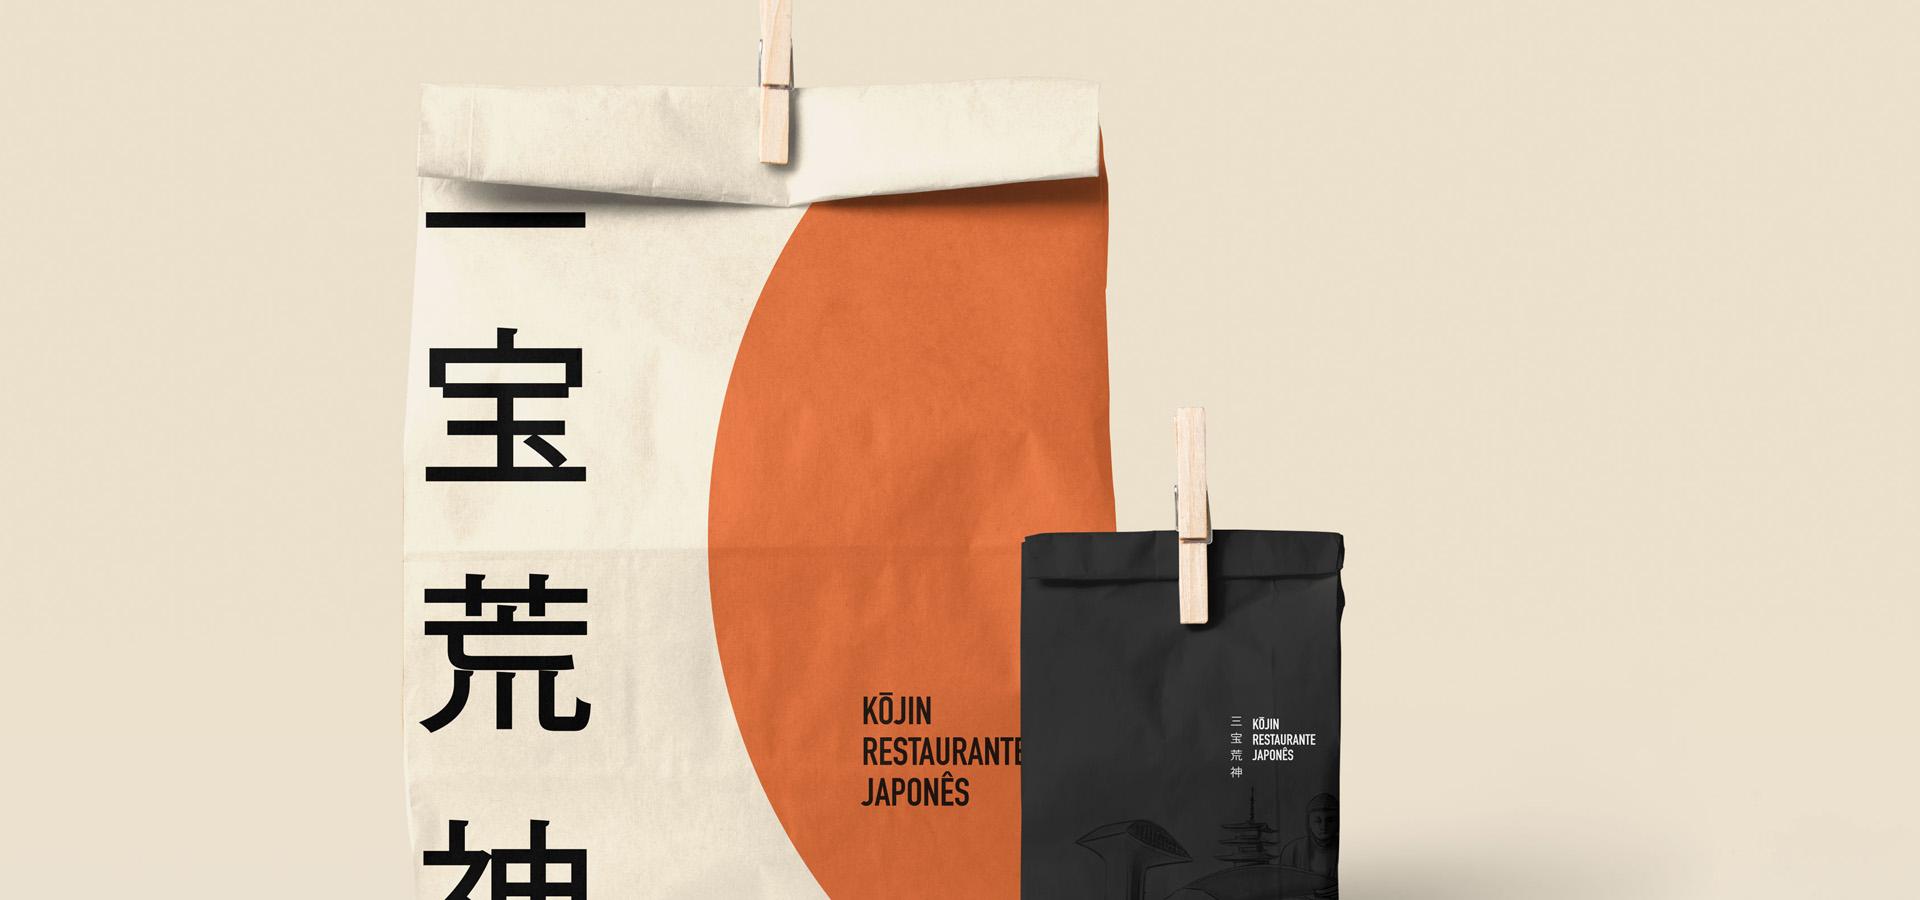 design marca 1516_kojin restaurante japones